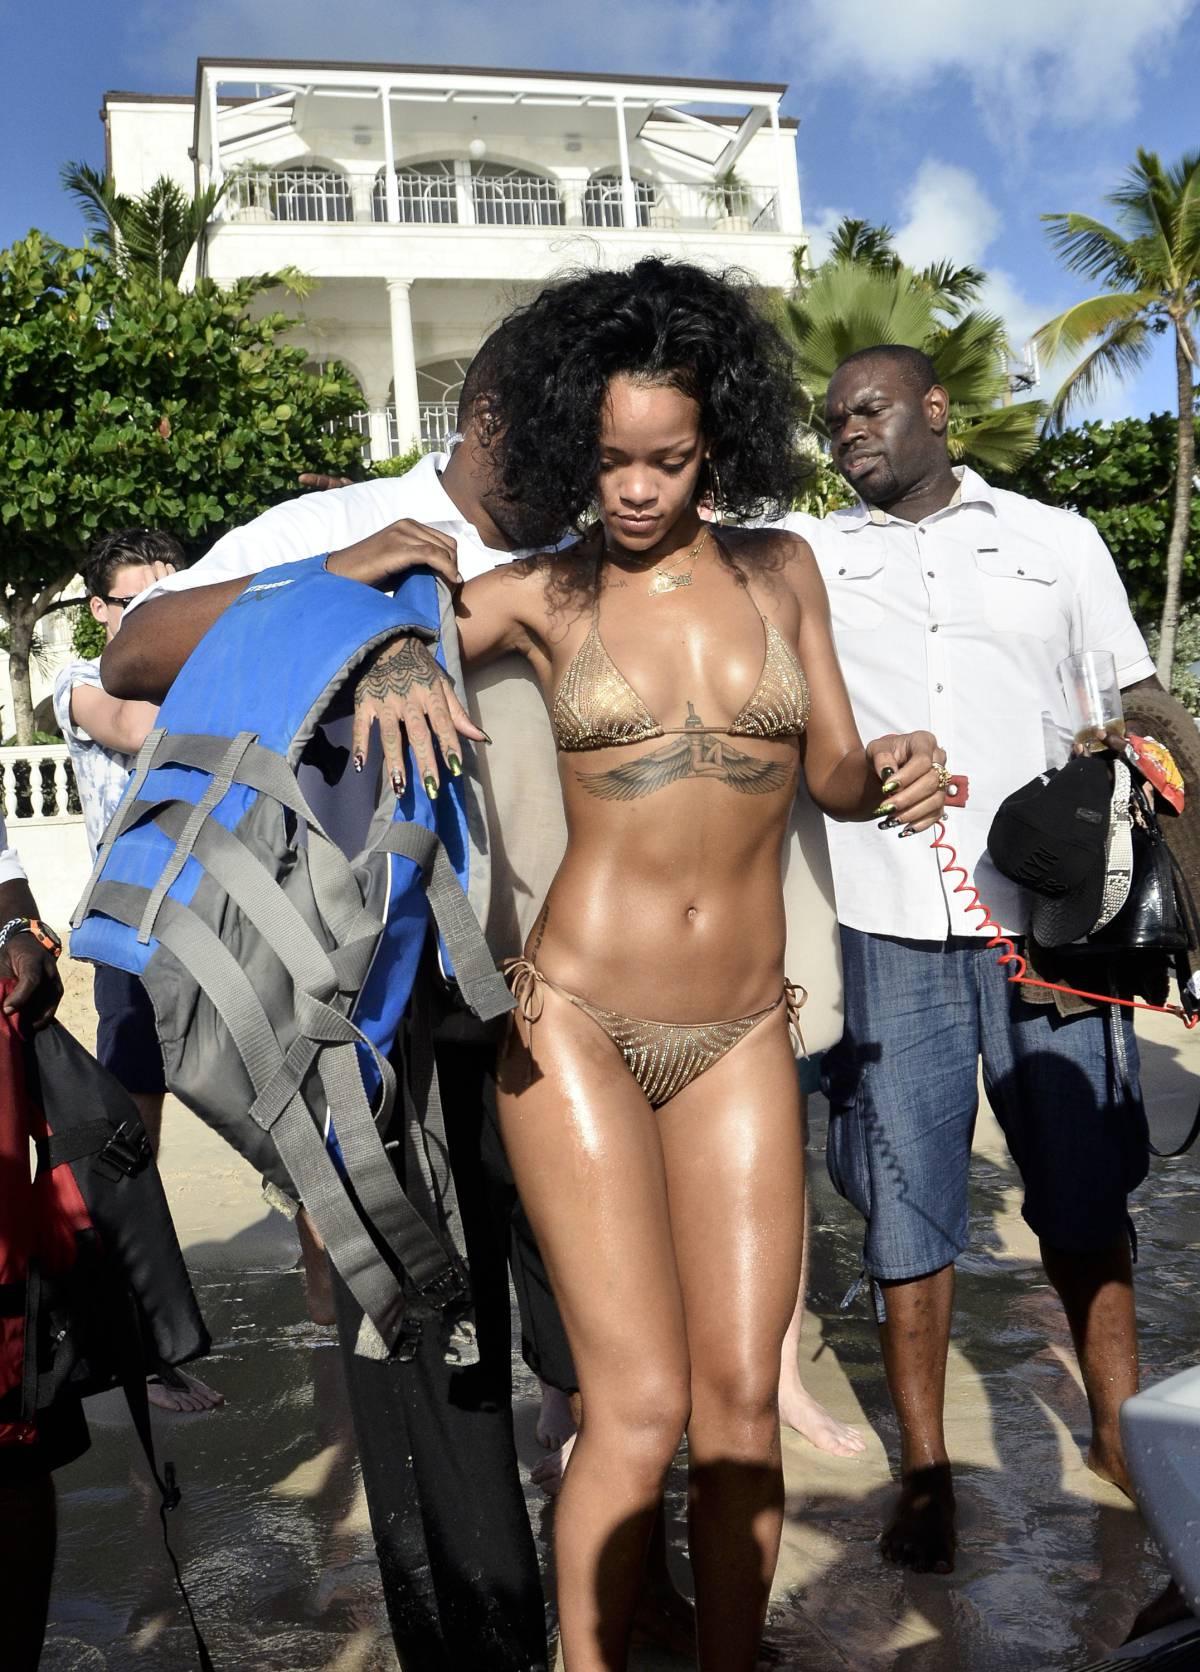 351924380_Rihanna_Bikini_291213_ReSiDuO5_123_385lo.jpg